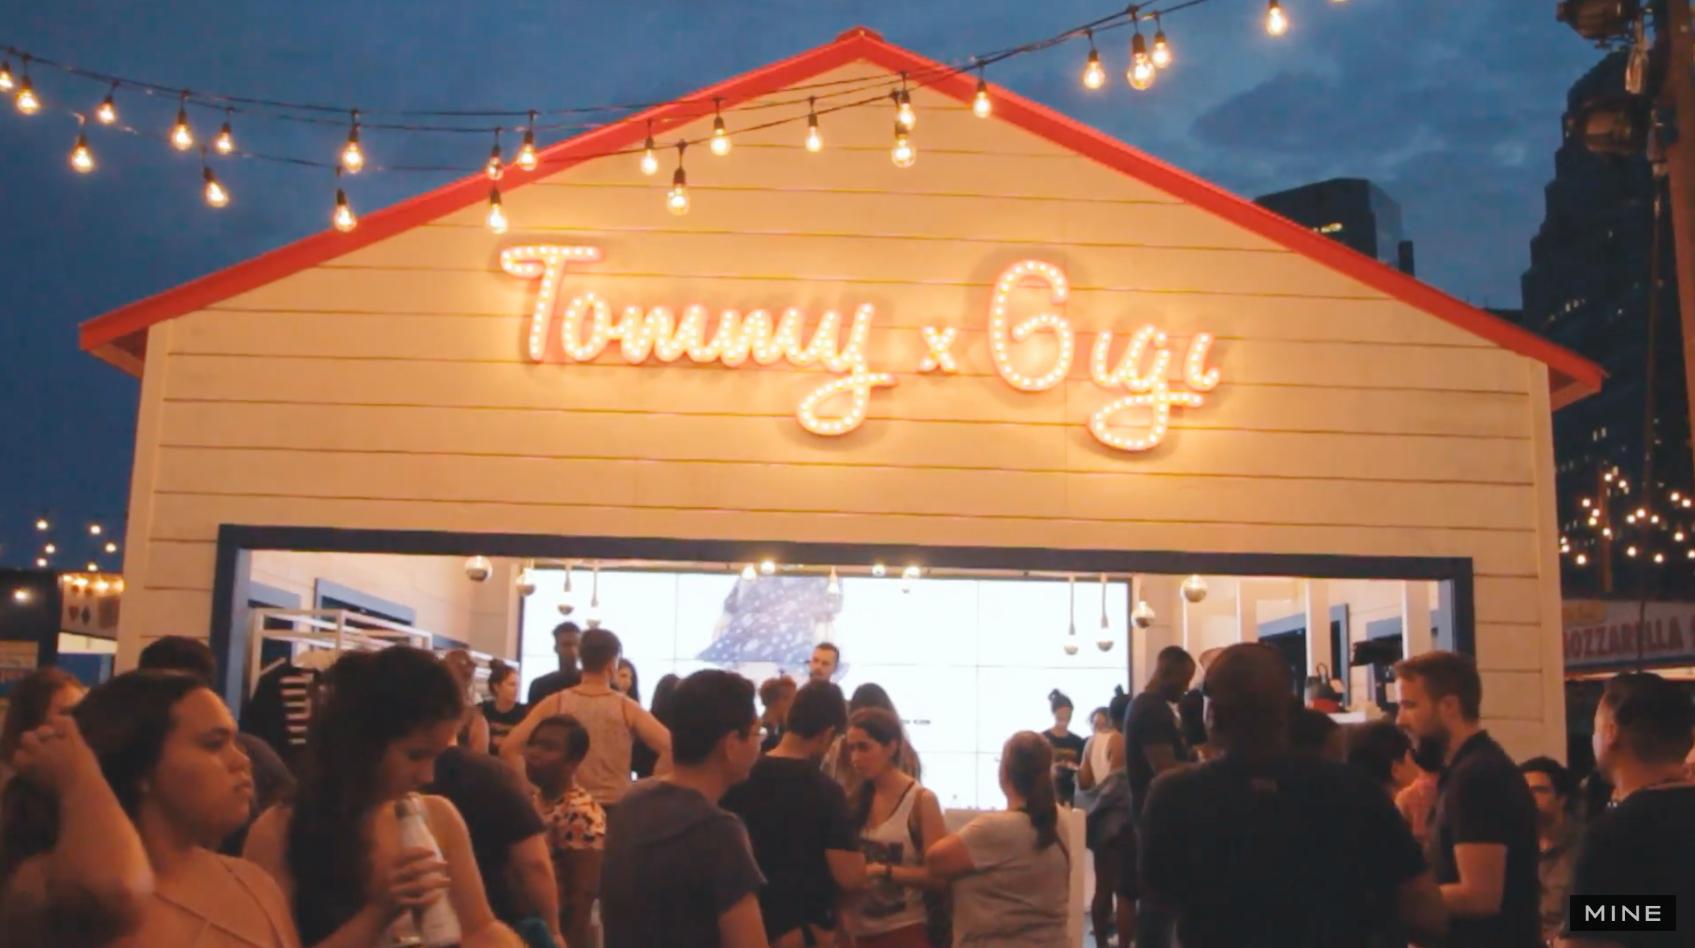 【New York Fashion Week】まるでテーマパーク!?Tommy Hilfigerのファッションショー